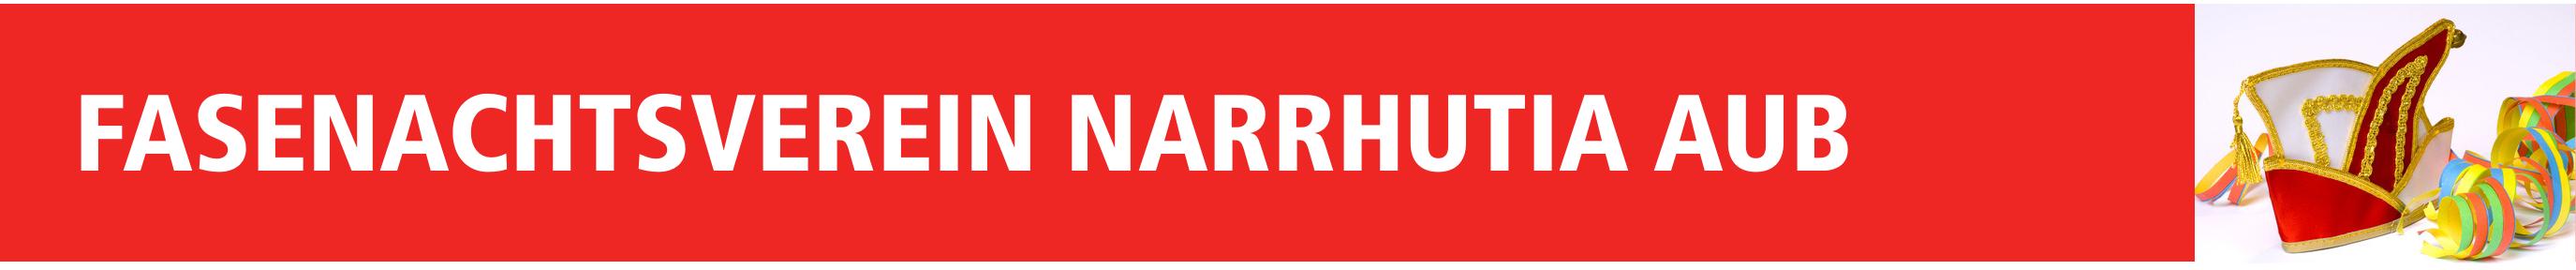 Fasenachtsverein Narrhutia Aub Image 1